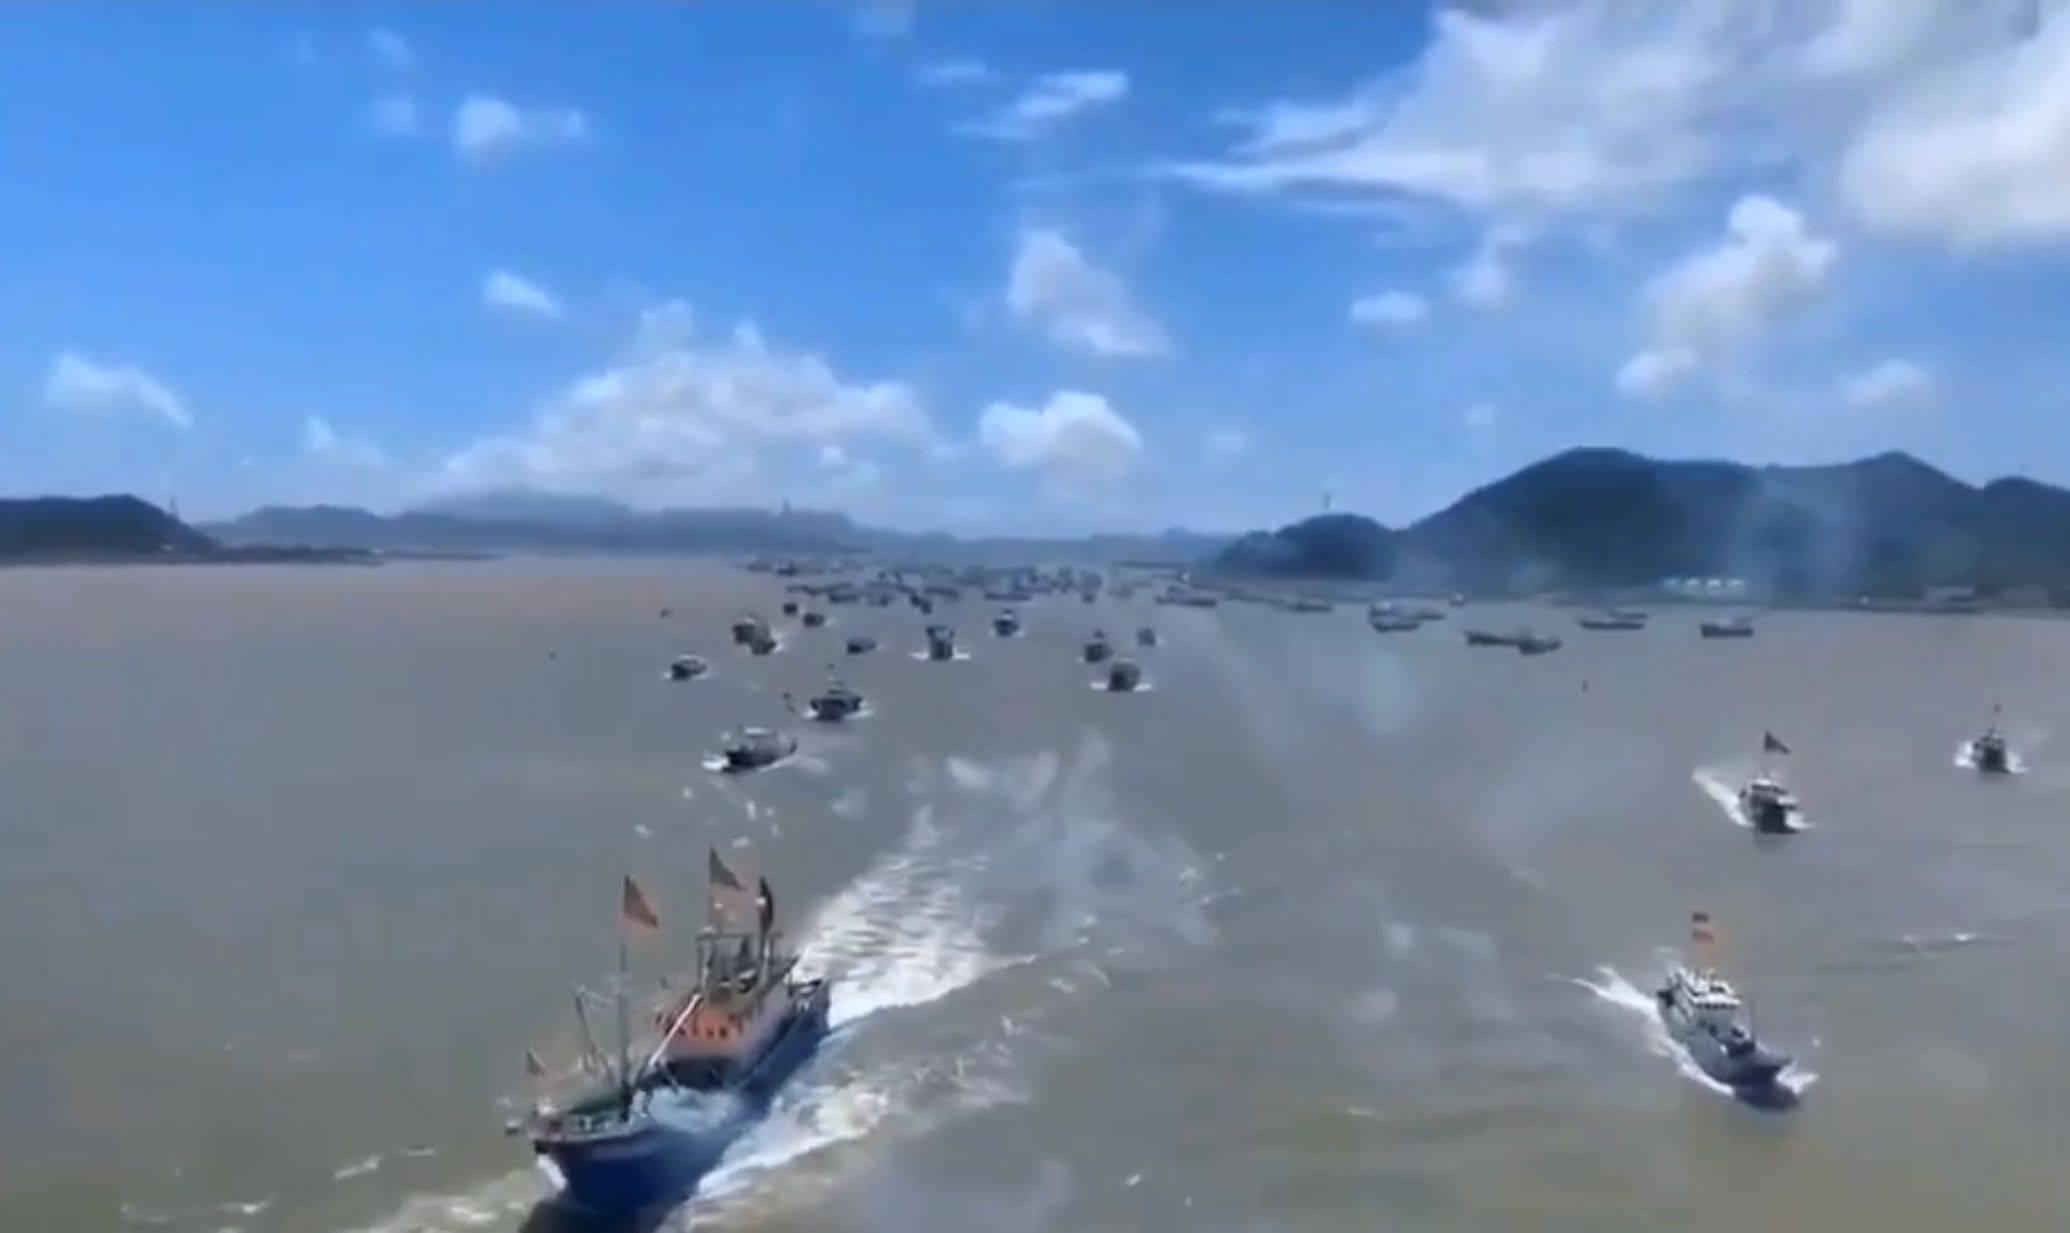 黄渤海海域的休渔期结束,下个月将迎来海鲜丰产季节。 黄渤海海域经纬度